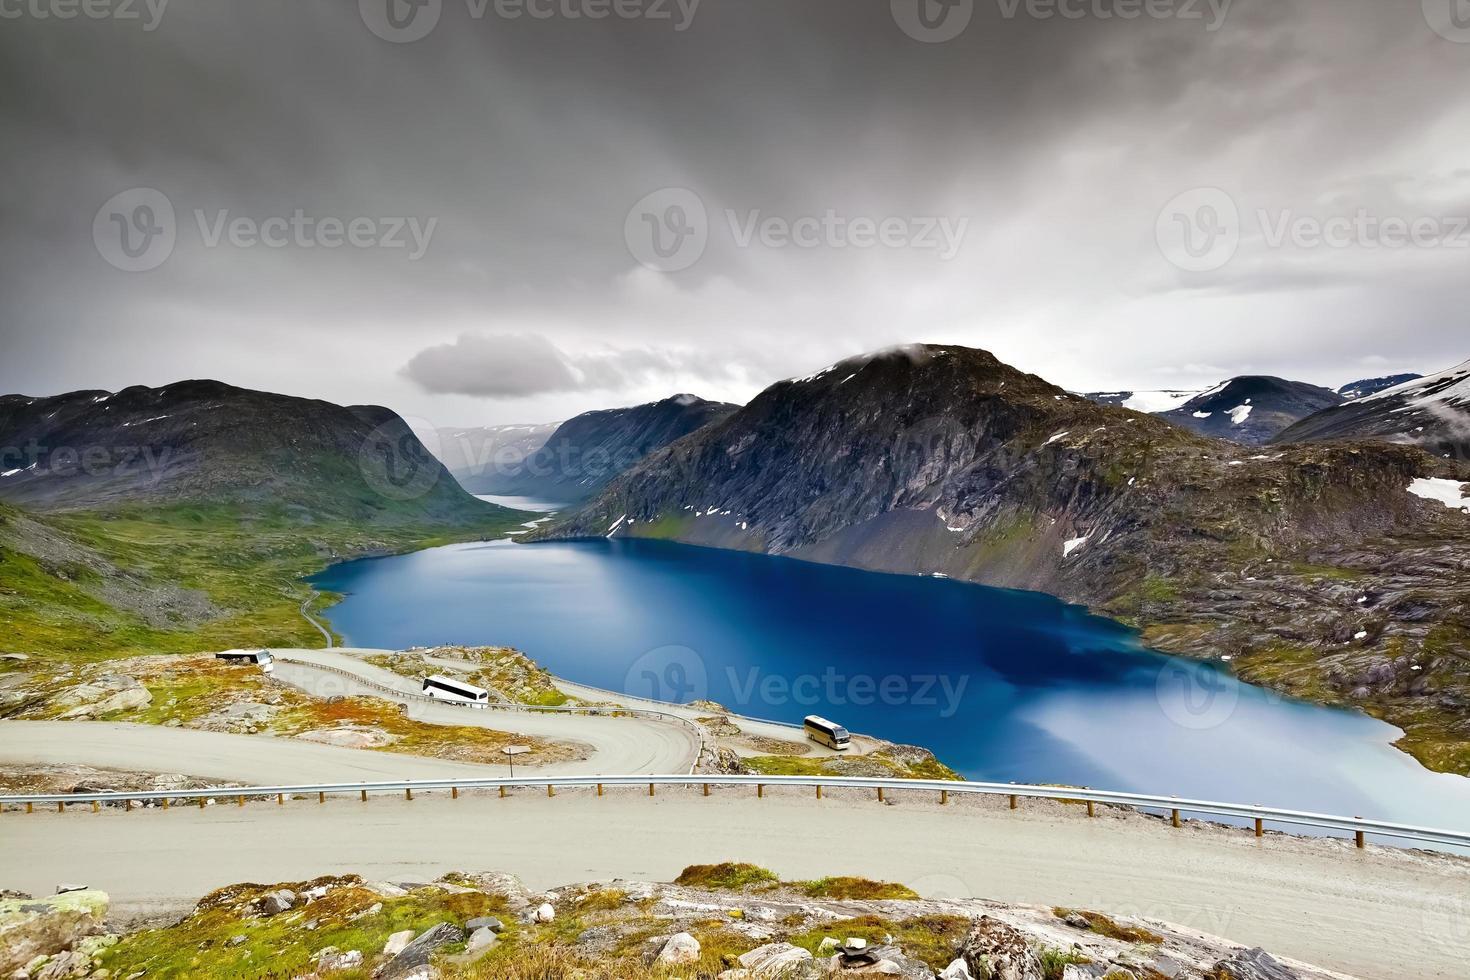 See Djupvatnet in der Nähe von Geirangerfjord, Dalsnibba - Norwegen - Skandinavien foto